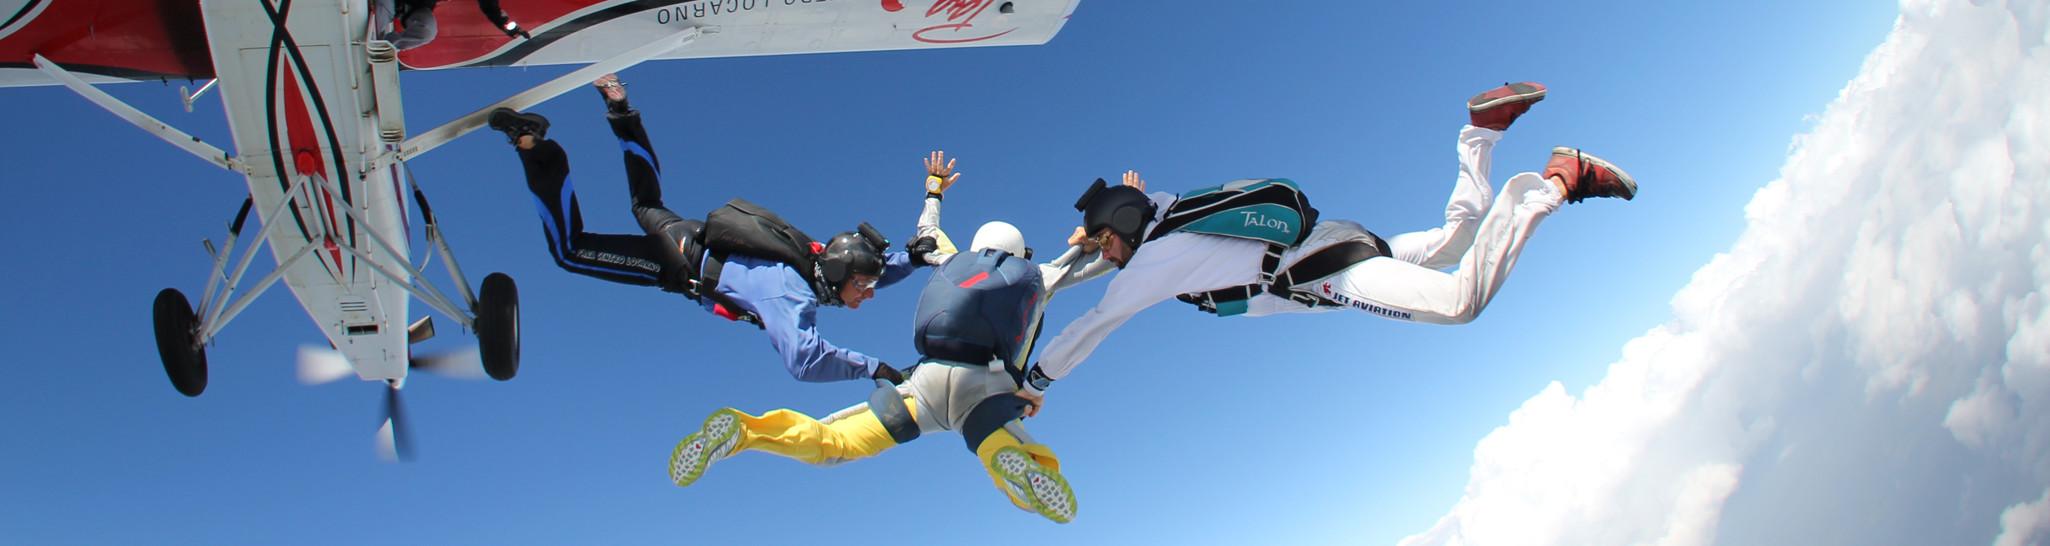 AFF first jump